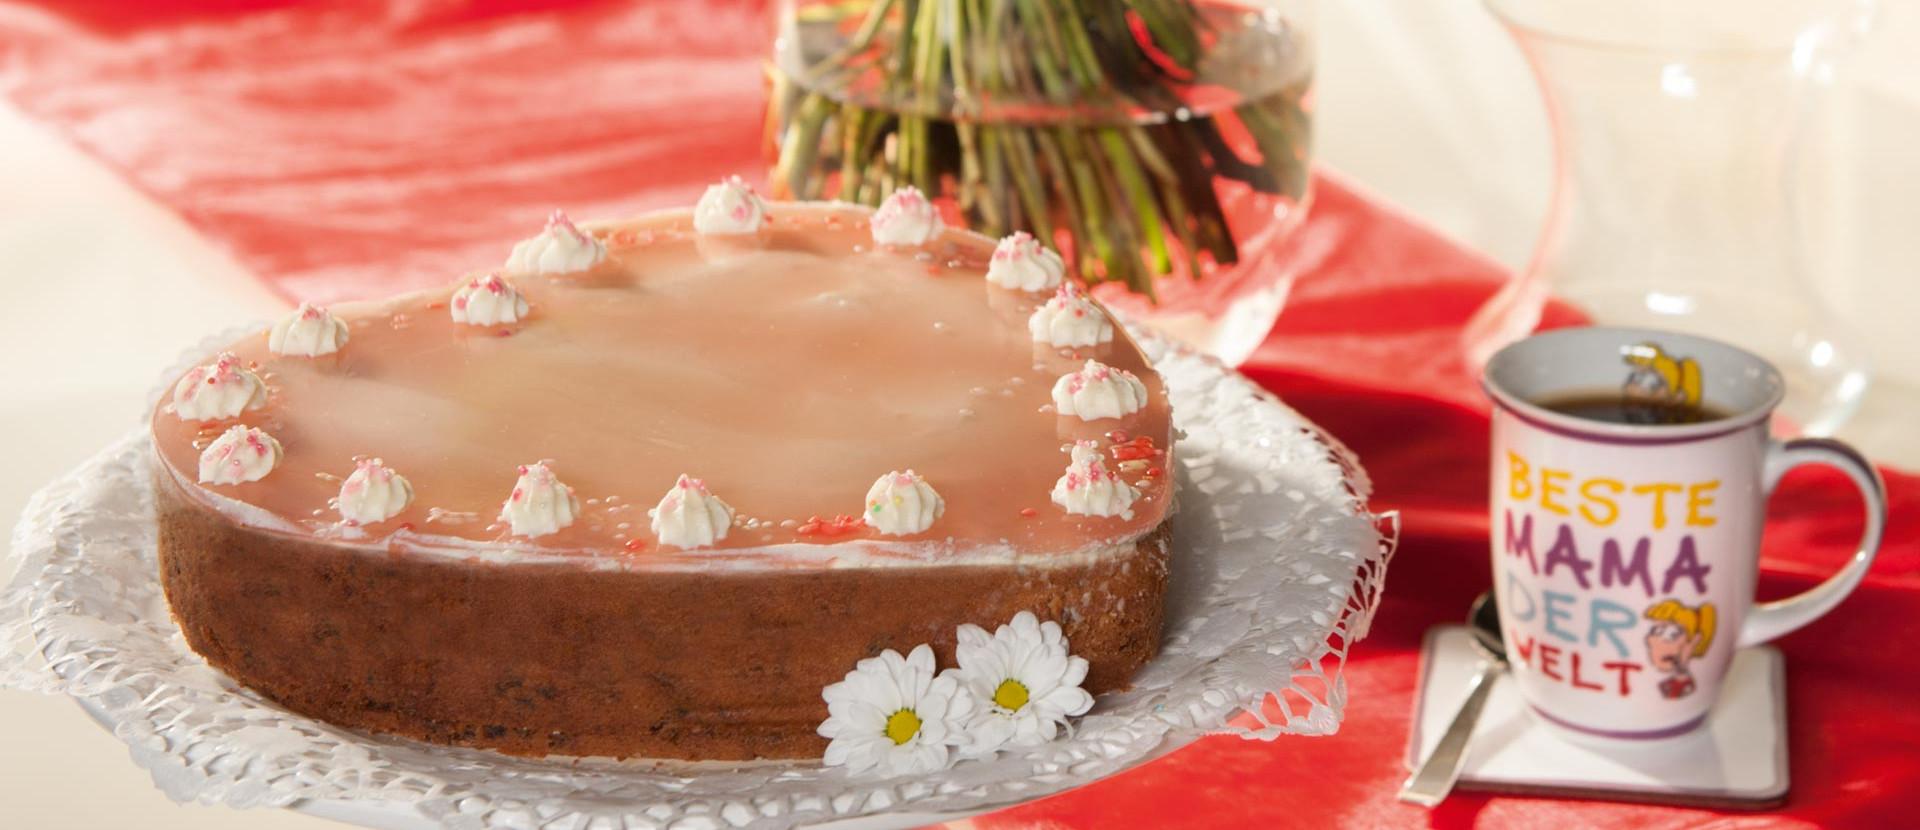 Kirsch Stracciatella Torte zum Muttertag